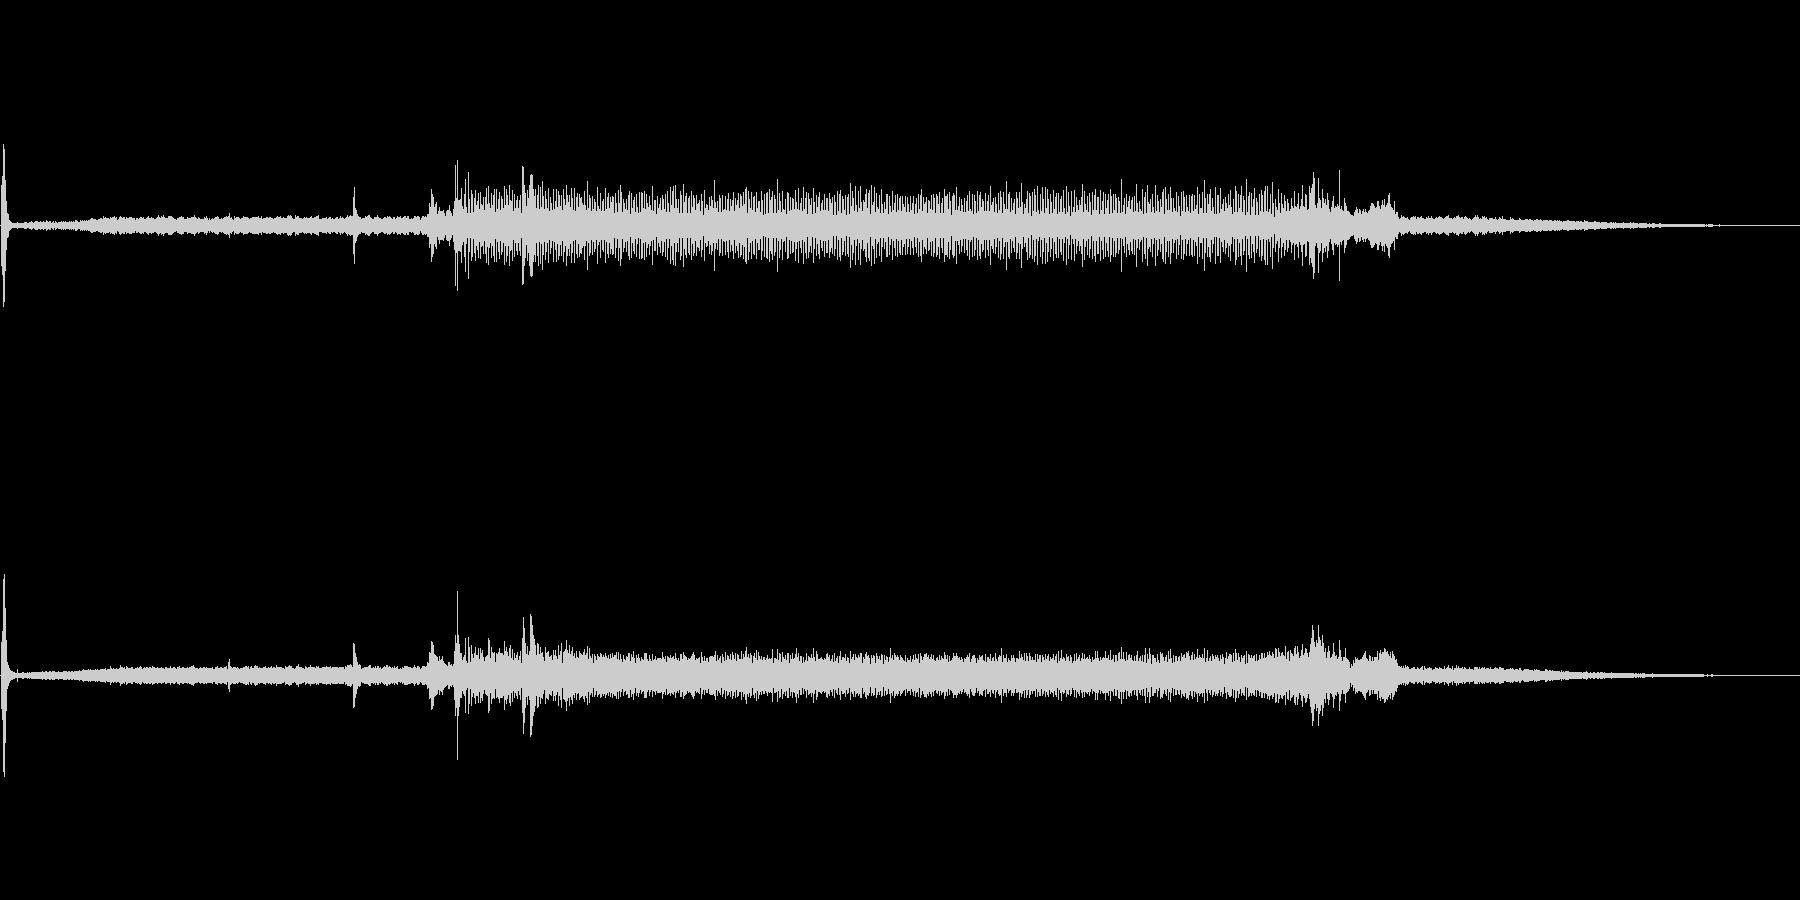 映写機のプロジェクター音の未再生の波形